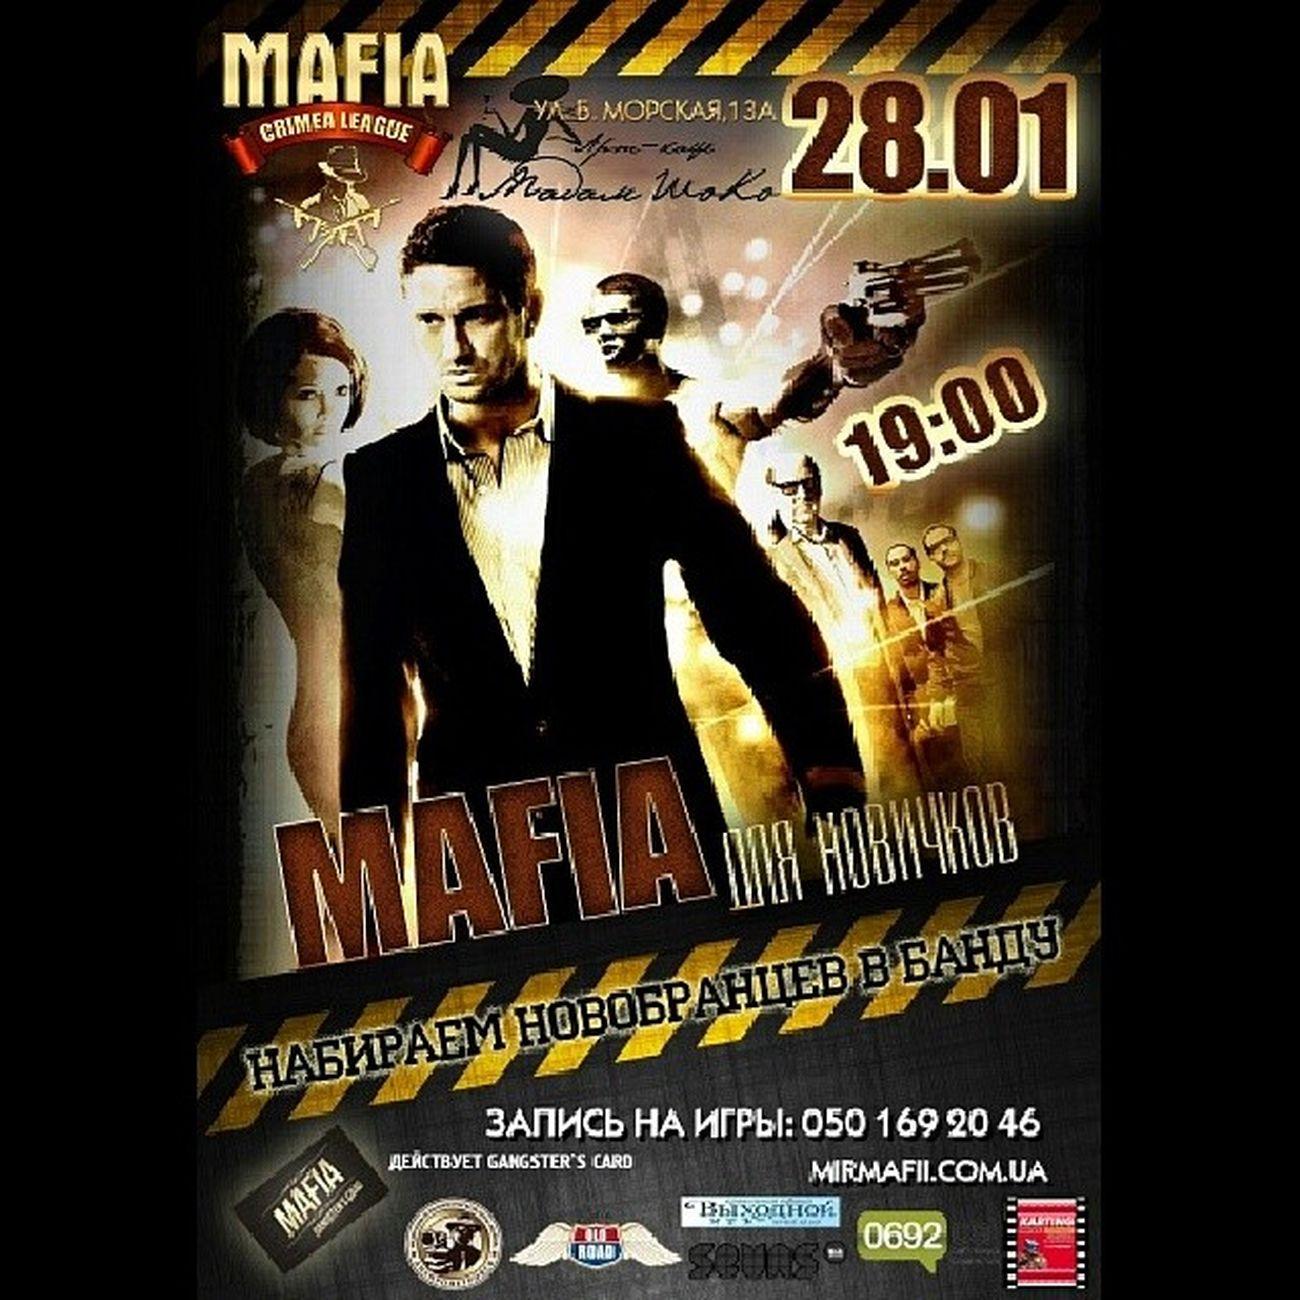 Mafia_crimea_league Mafia_ukraine_league Mafiaukraineleague Mafia